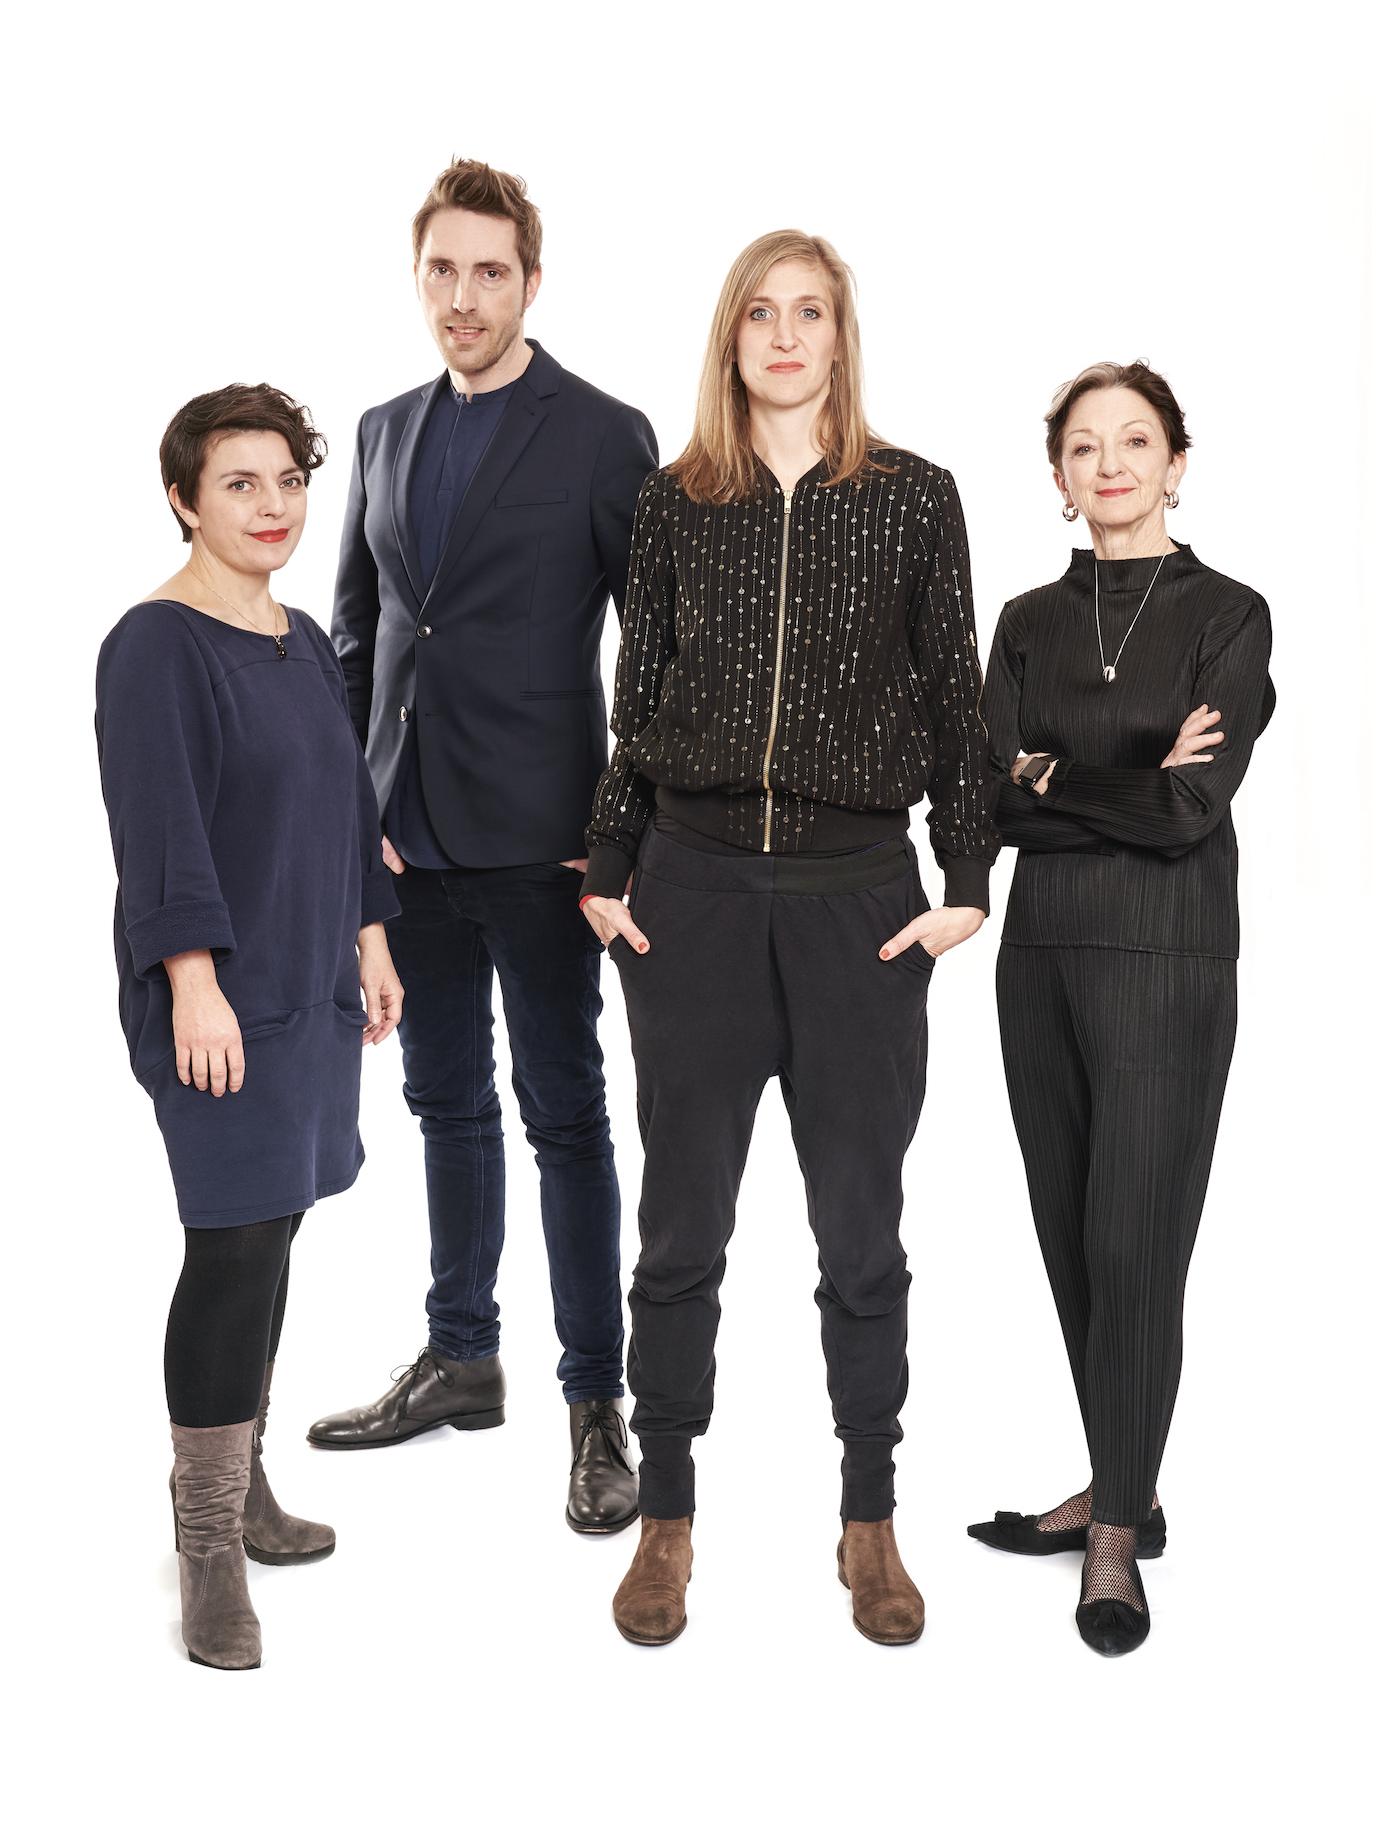 Von links: Johanna Wall (Operndirektorin), Clemens Heil (Musikdirektor), Sandra Küpper (Schauspielchefin) und Kathleen McNurney (Tanzchefin).